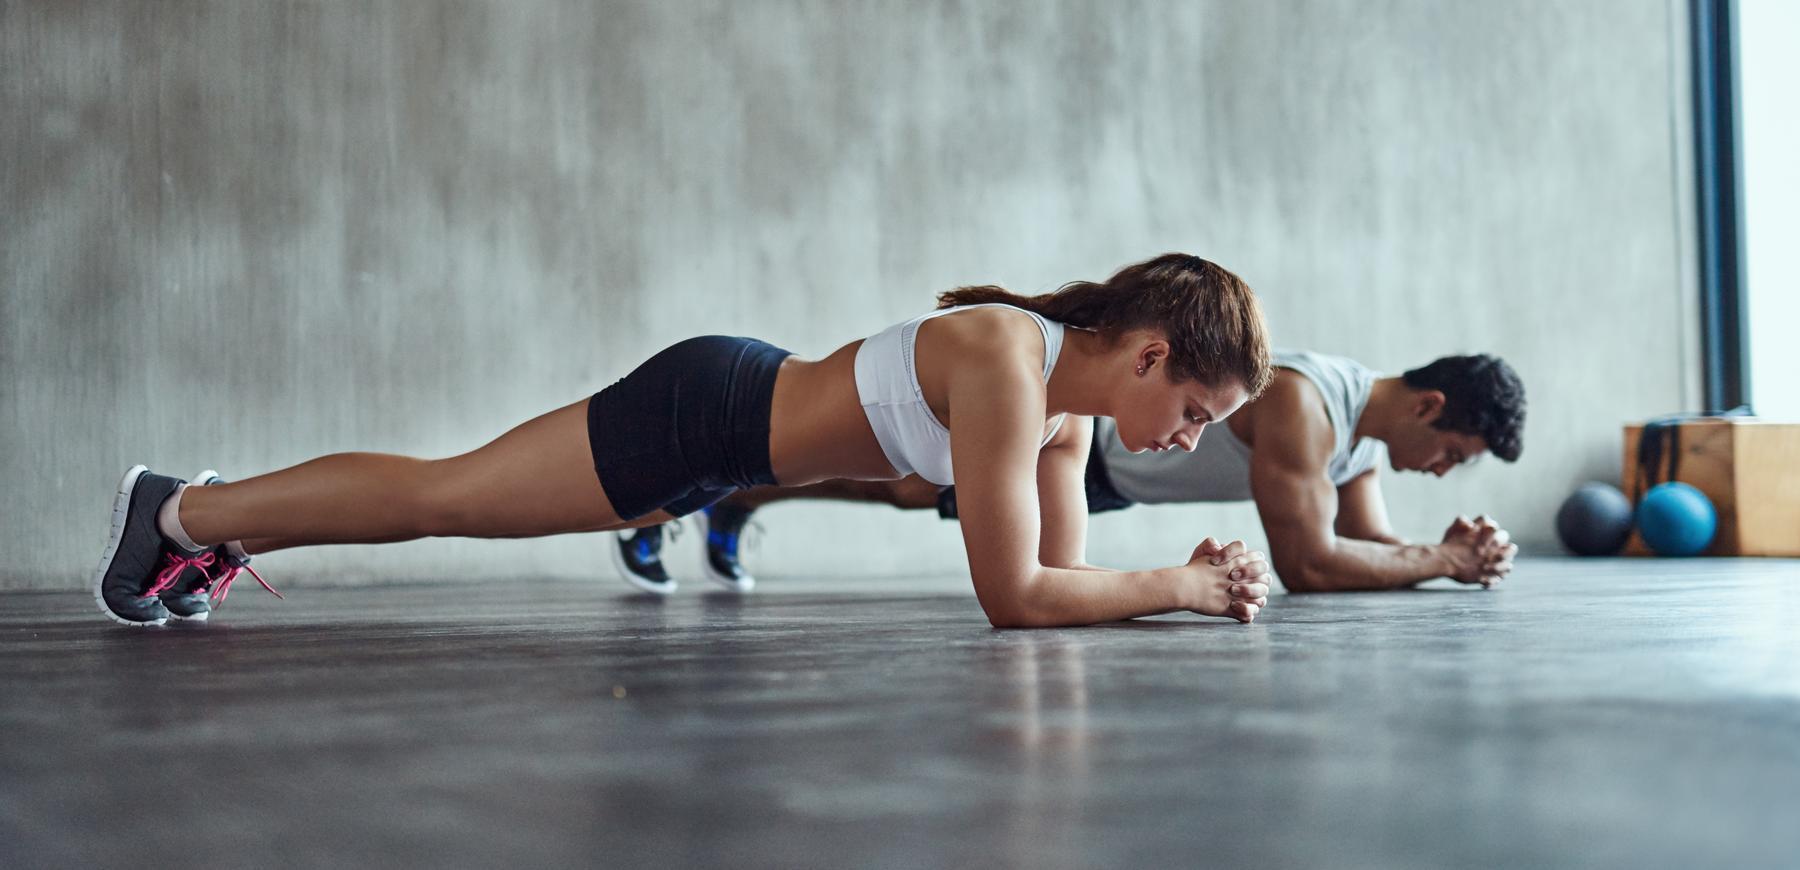 Planks korrekt ausführen | Alles, was du wissen musst